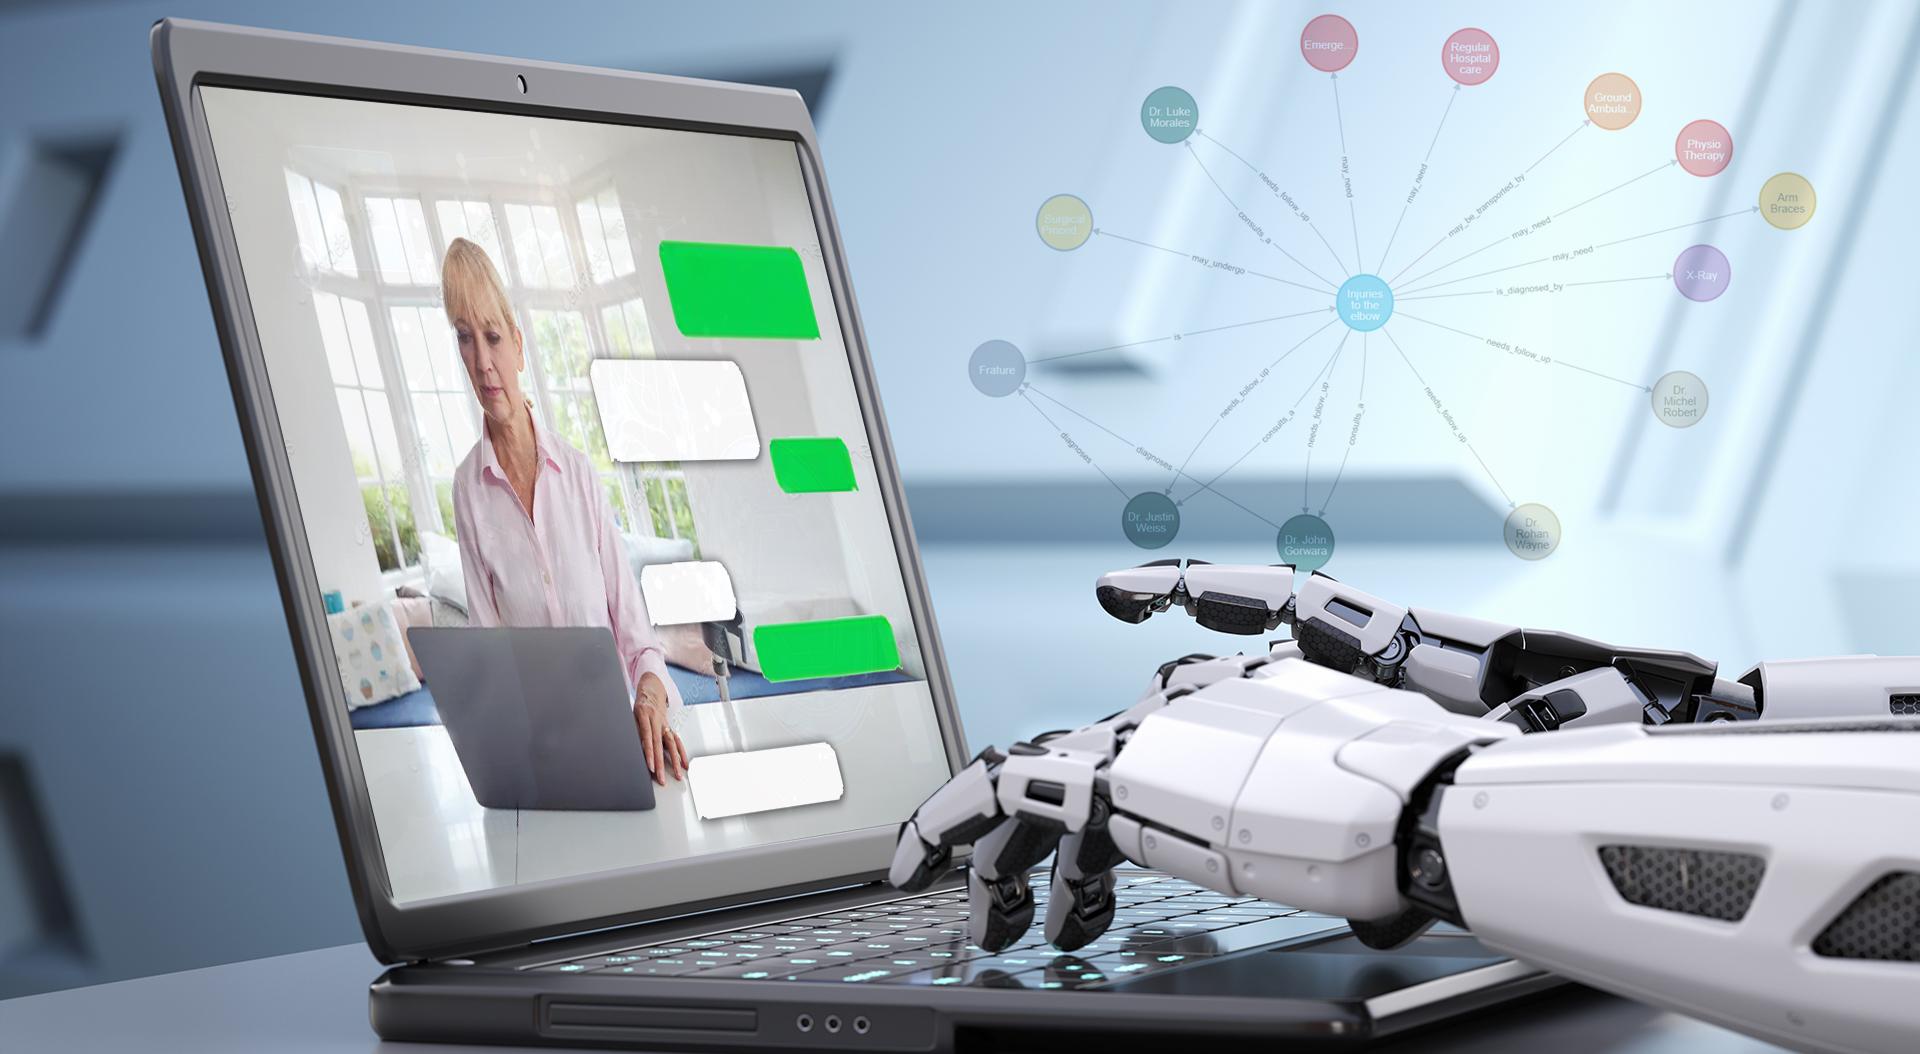 Digital Knowledge Worker